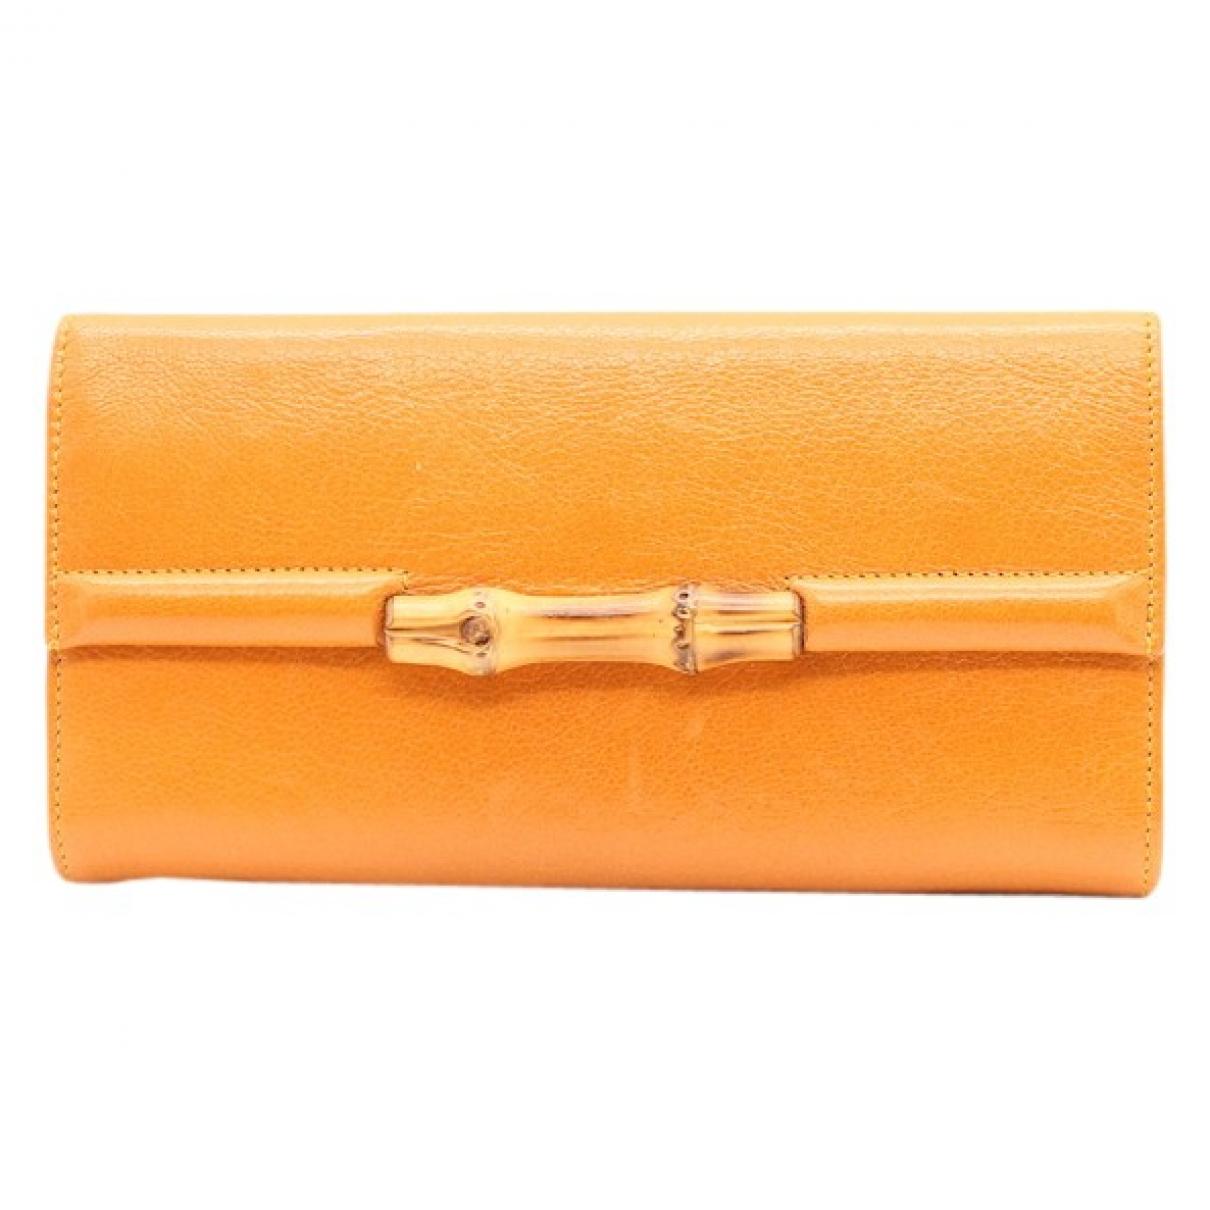 Gucci - Portefeuille   pour femme en cuir - orange